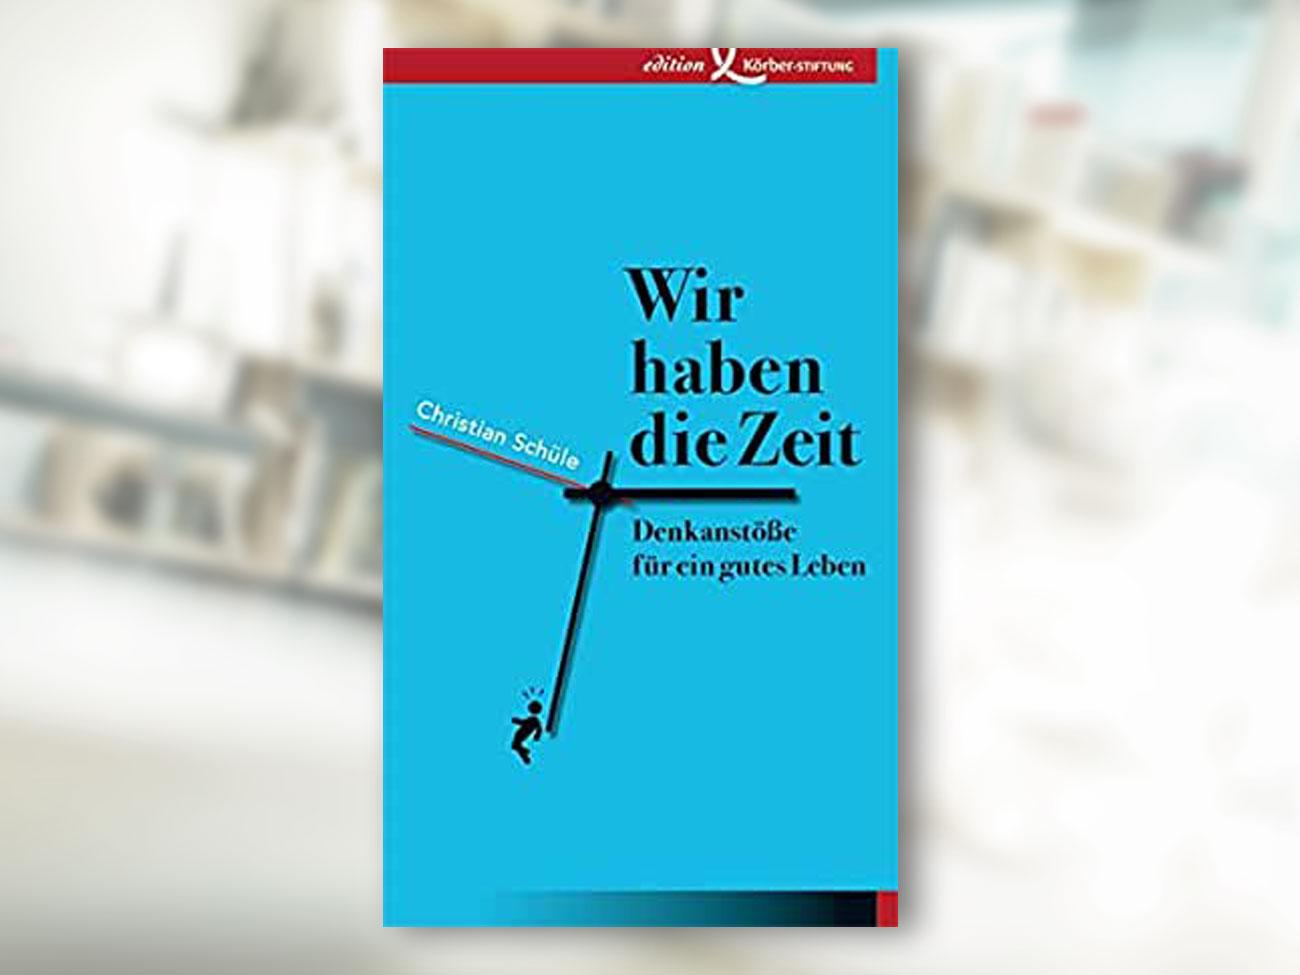 Christian Schüle, Wir haben die Zeit: Denkanstöße für ein gutes Leben